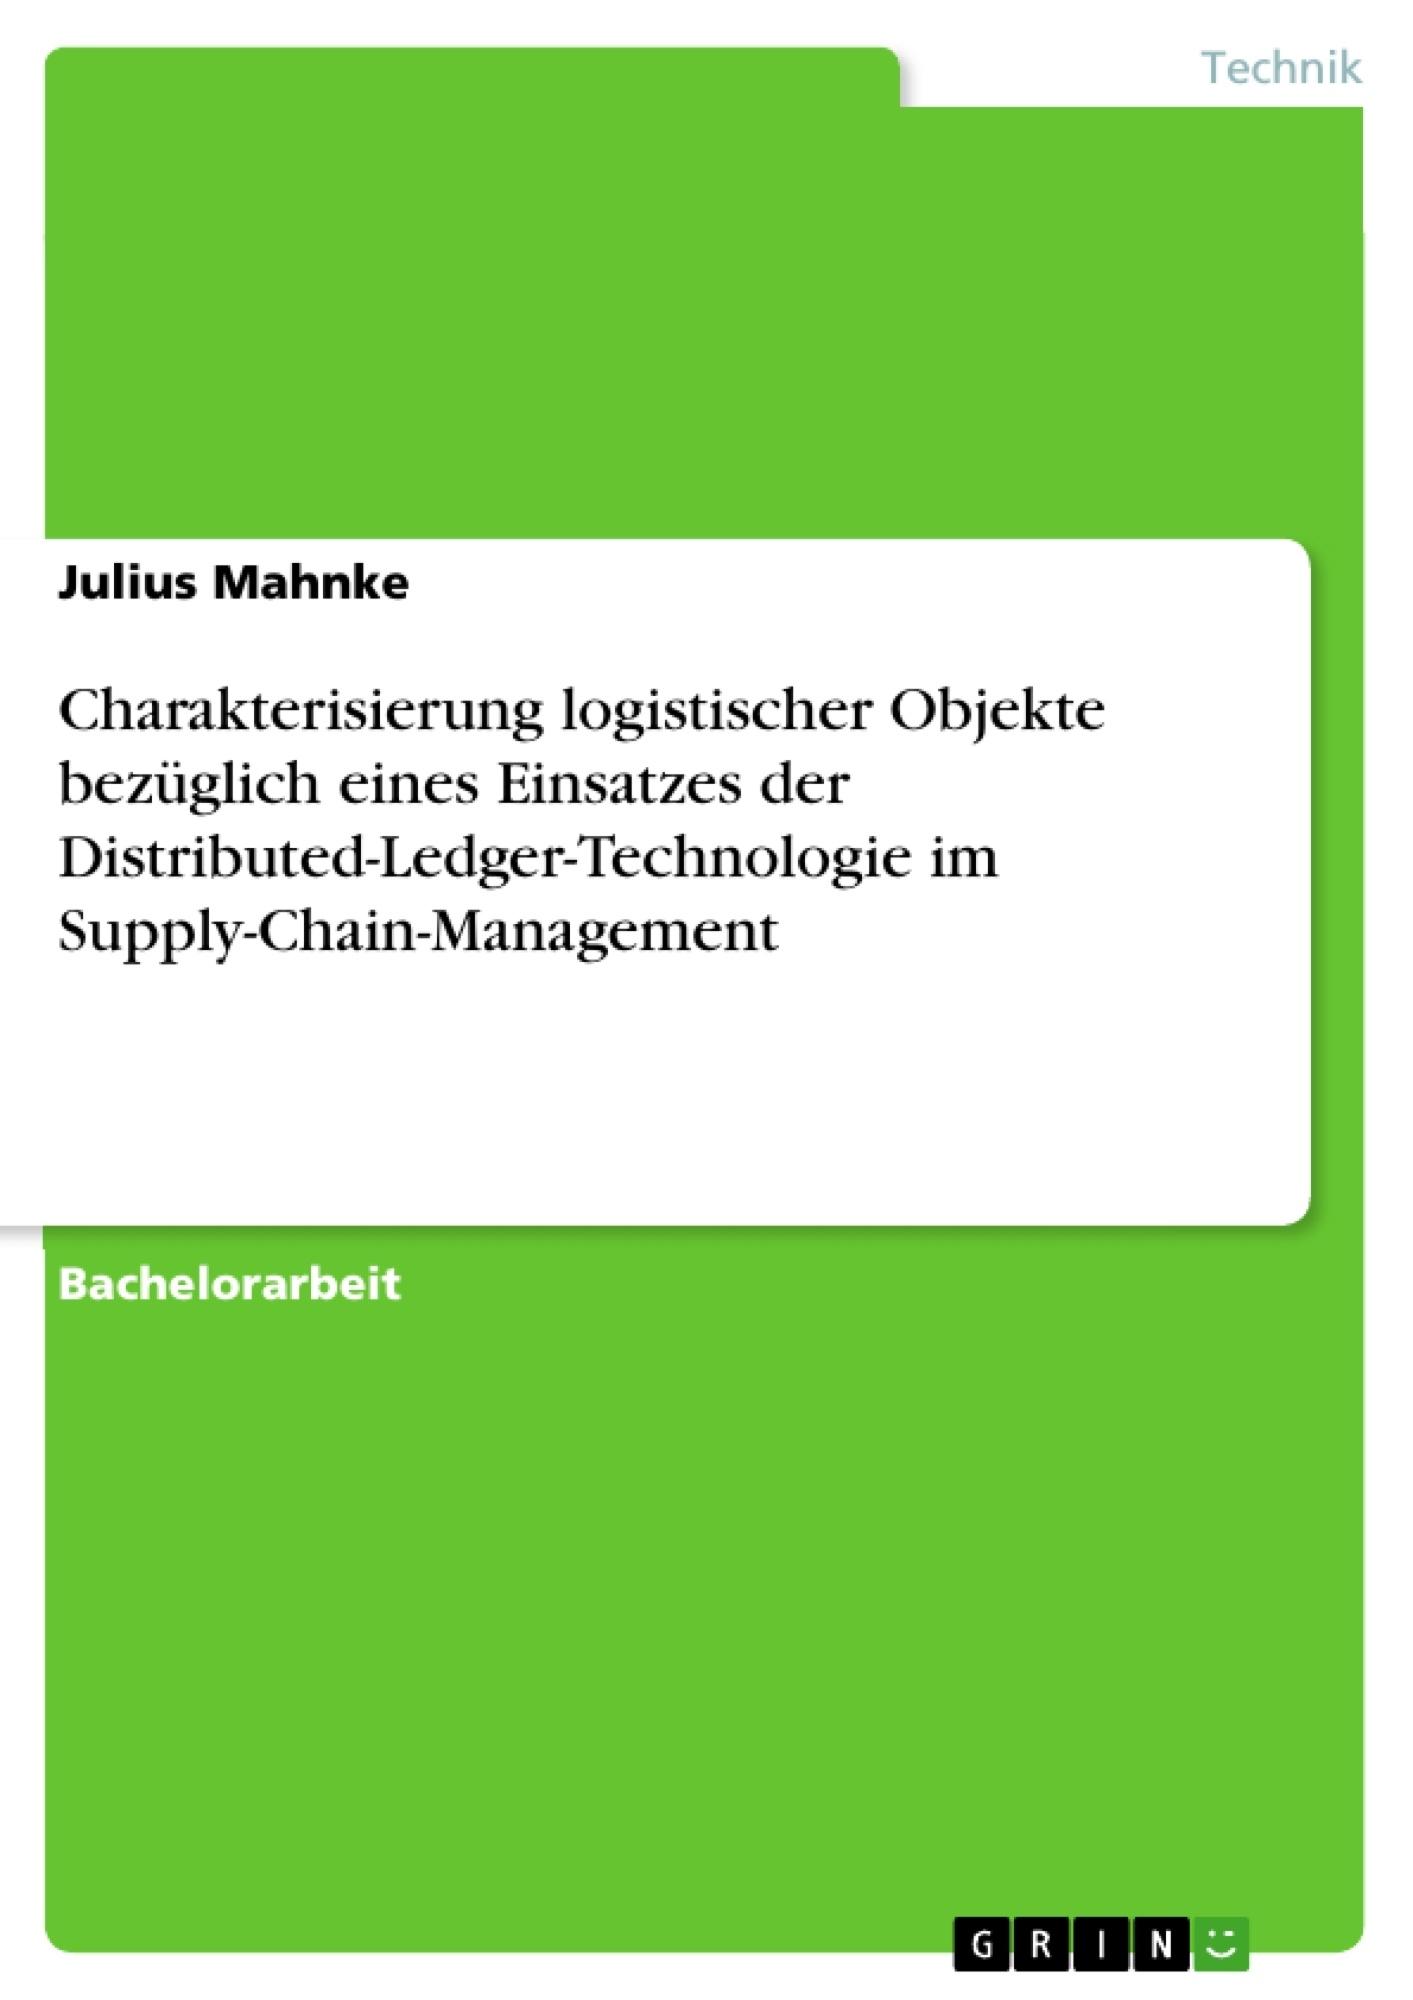 Titel: Charakterisierung logistischer Objekte bezüglich eines Einsatzes der Distributed-Ledger-Technologie im Supply-Chain-Management